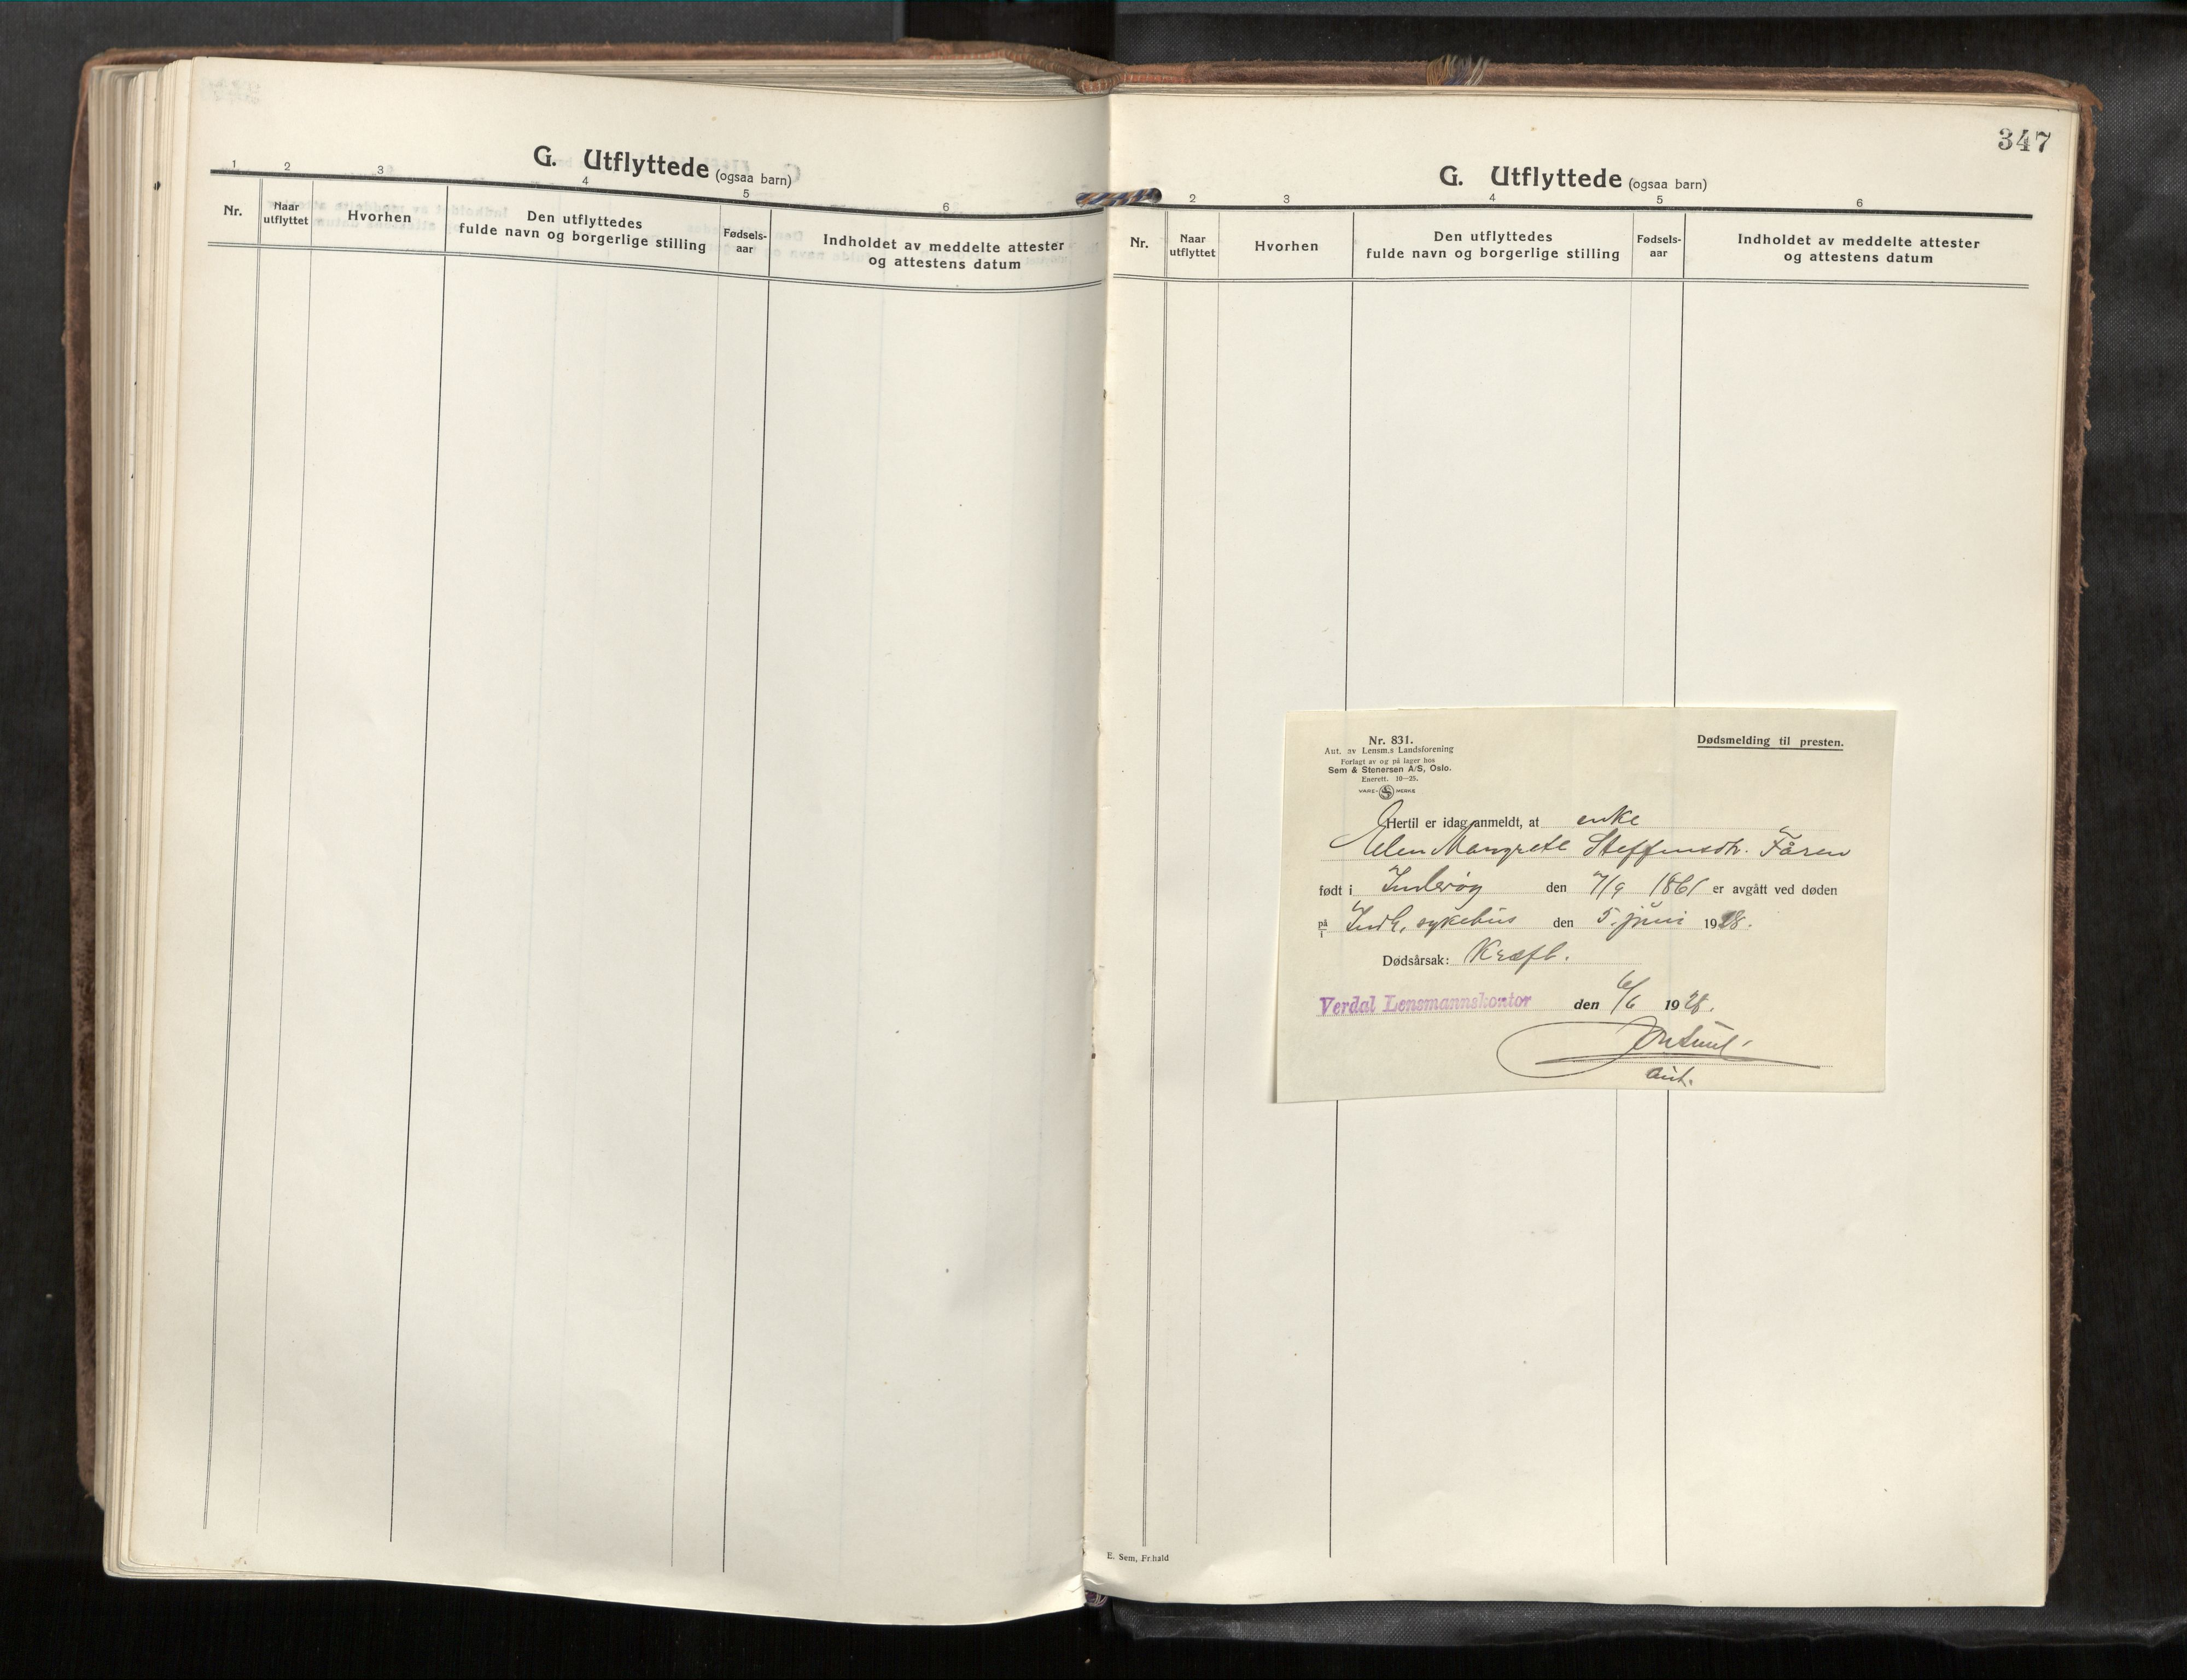 SAT, Verdal sokneprestkontor*, Parish register (official) no. 1, 1917-1932